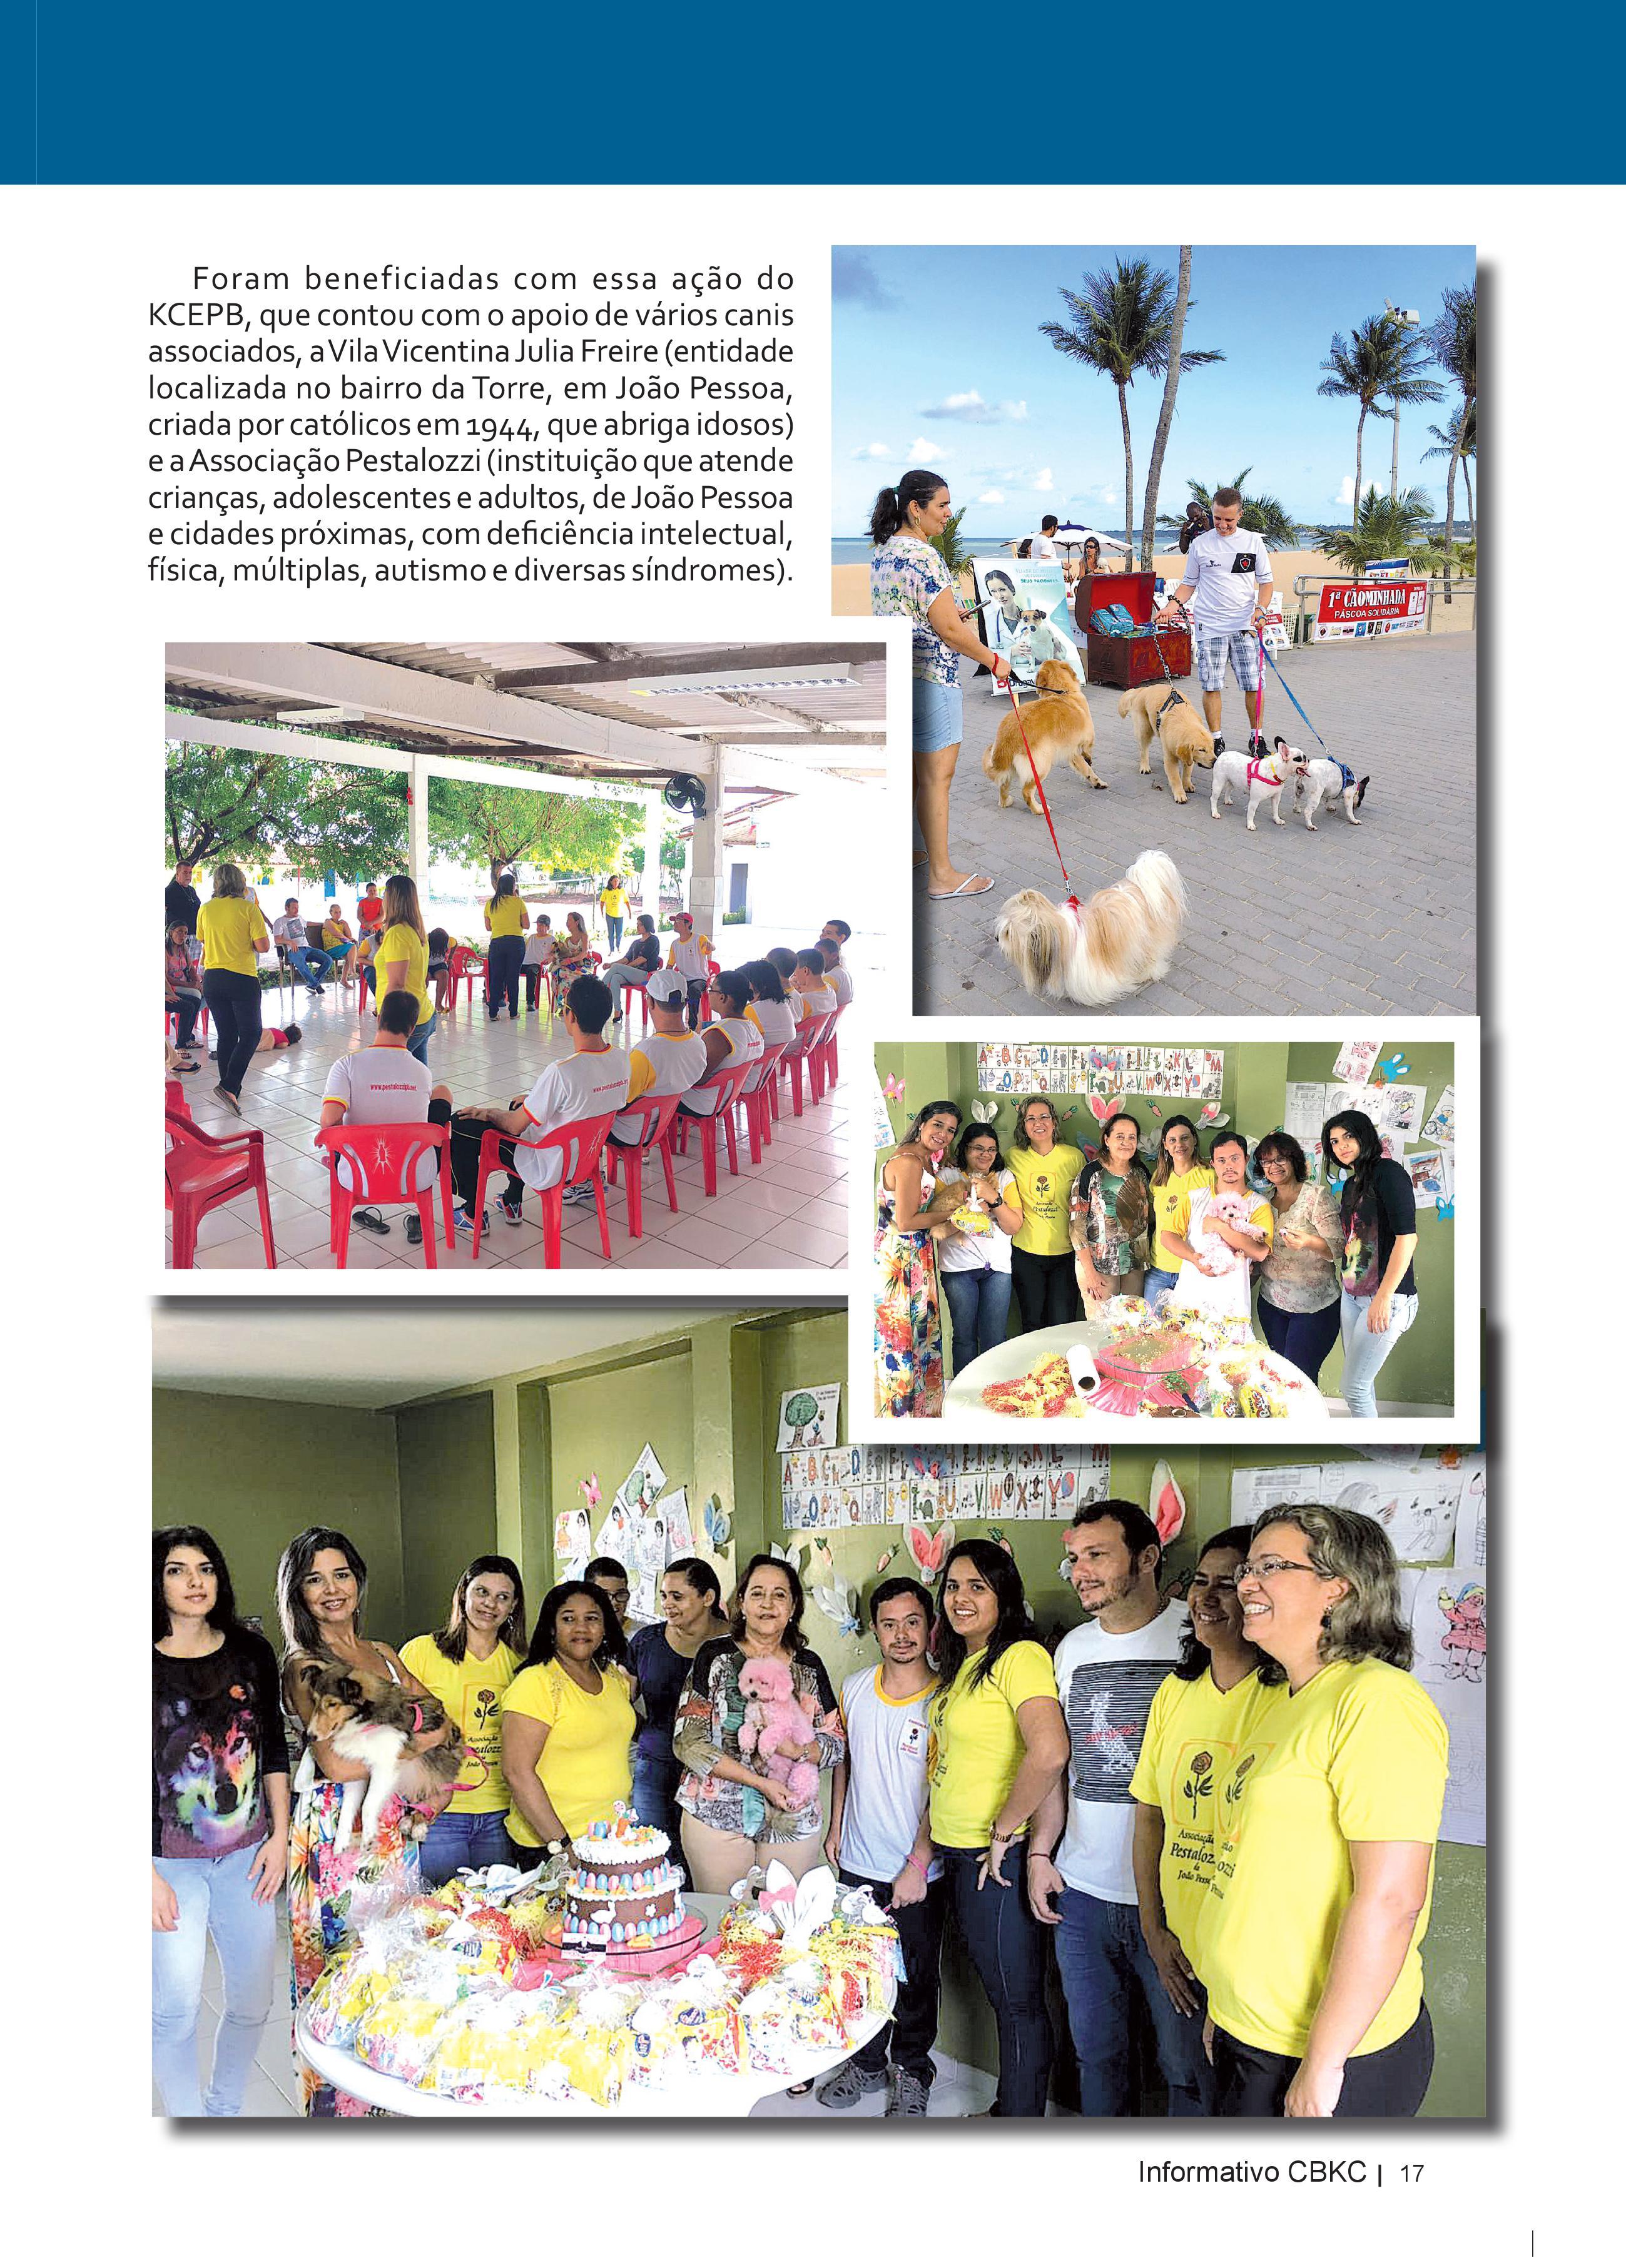 Pagina 17| Edição 52 do Informativo CBKC